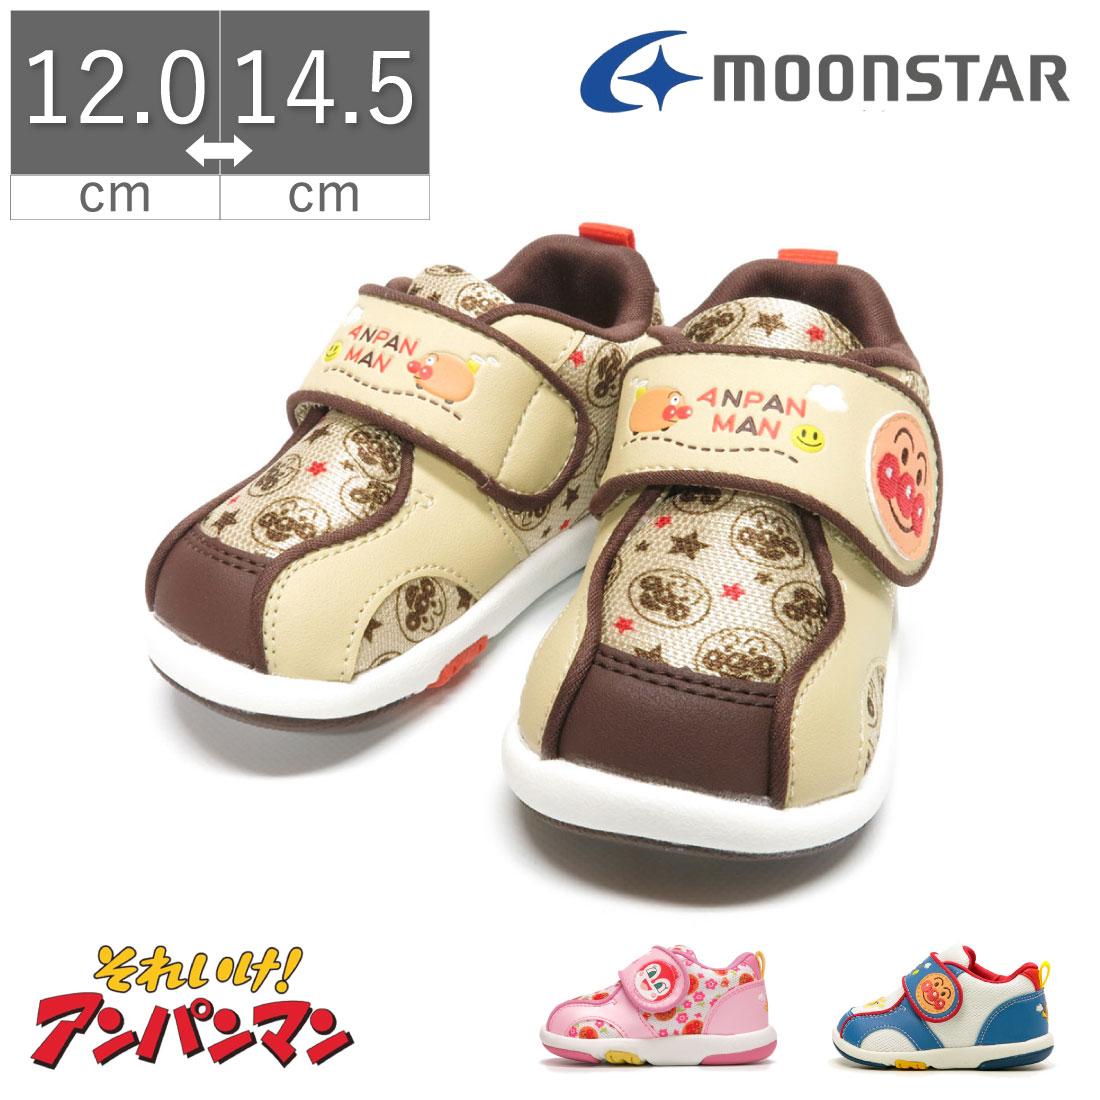 【全国送料無料】【10%OFF】 ムーンスター moonstar アンパンマン キャラクター キッズ ベビー スニーカー APM-B08 12 12.5 13 13.5 14 14.5 (子供靴)運動靴 子供靴 つま先ゆったり 軽量